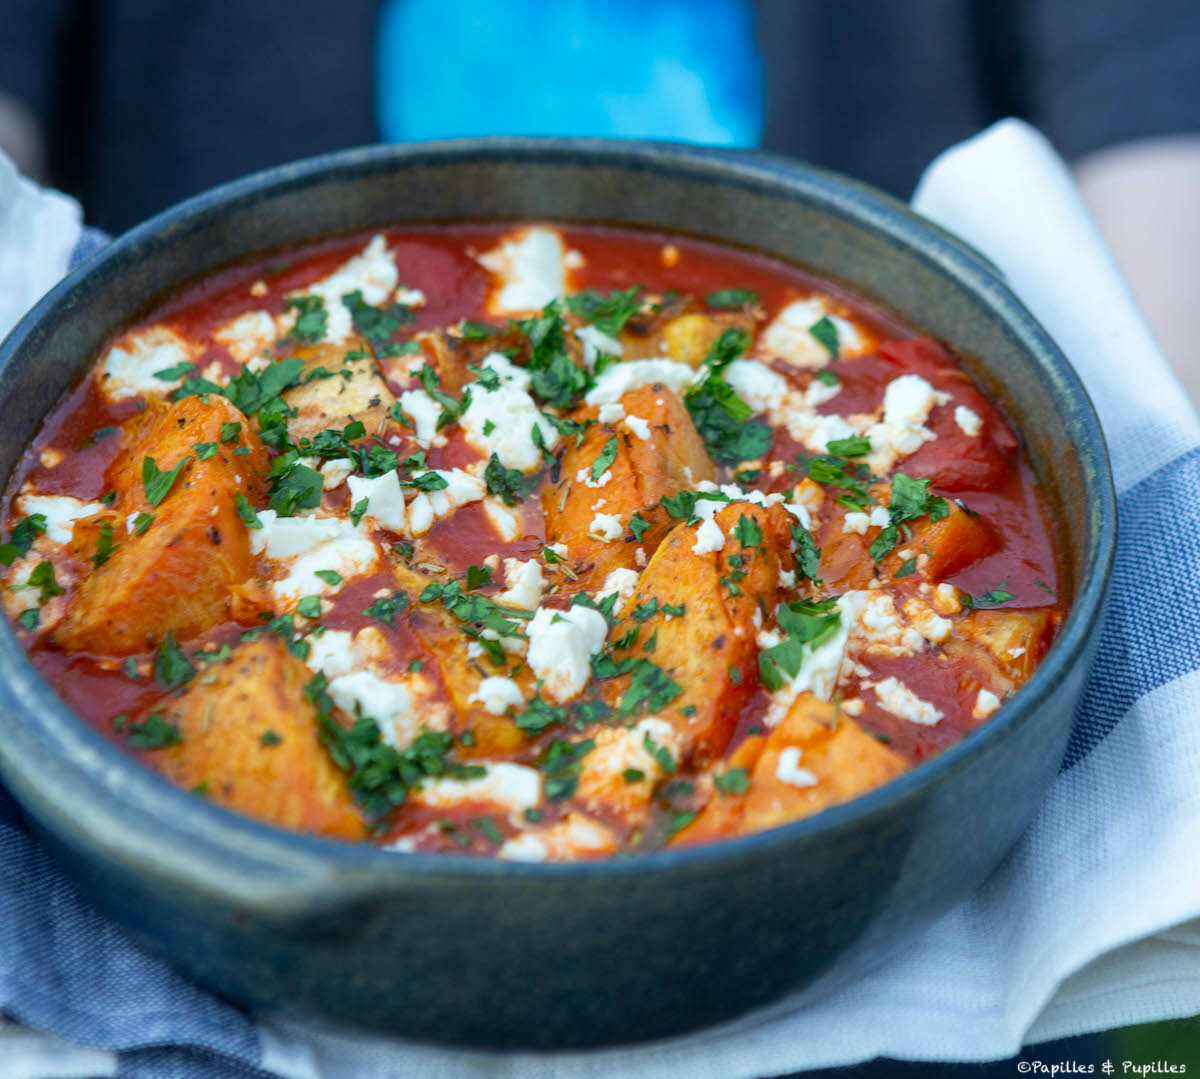 Patates douces, feta, sauce tomate